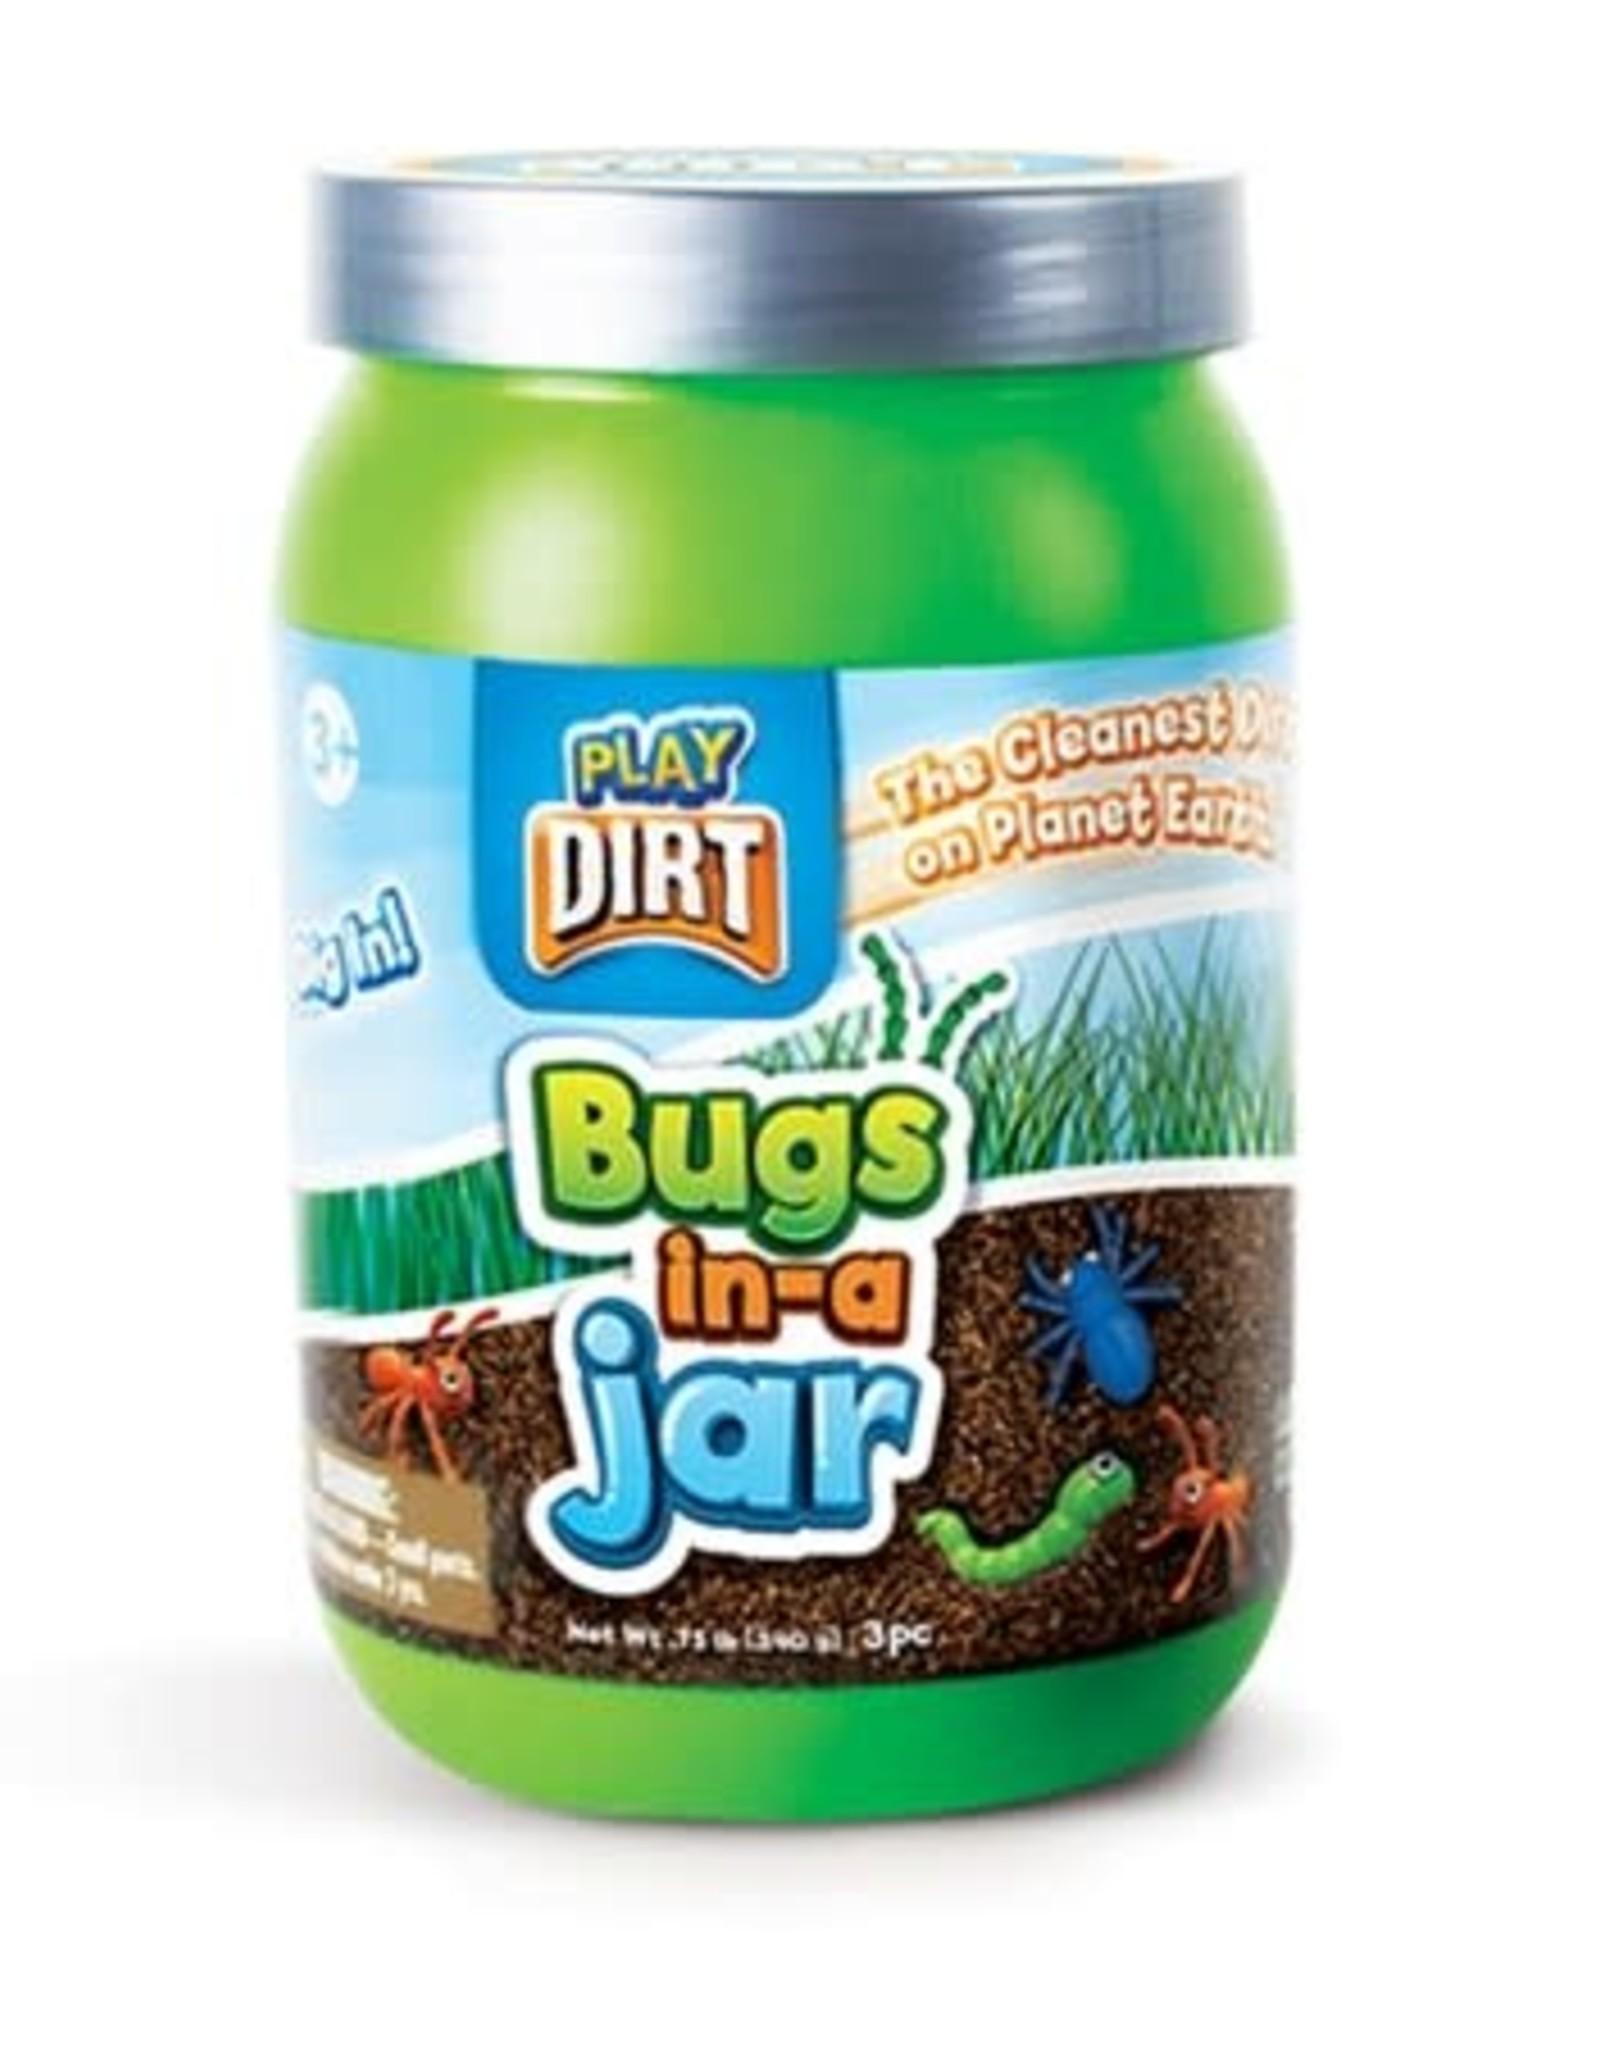 Play Dirt Bugs in a Jar